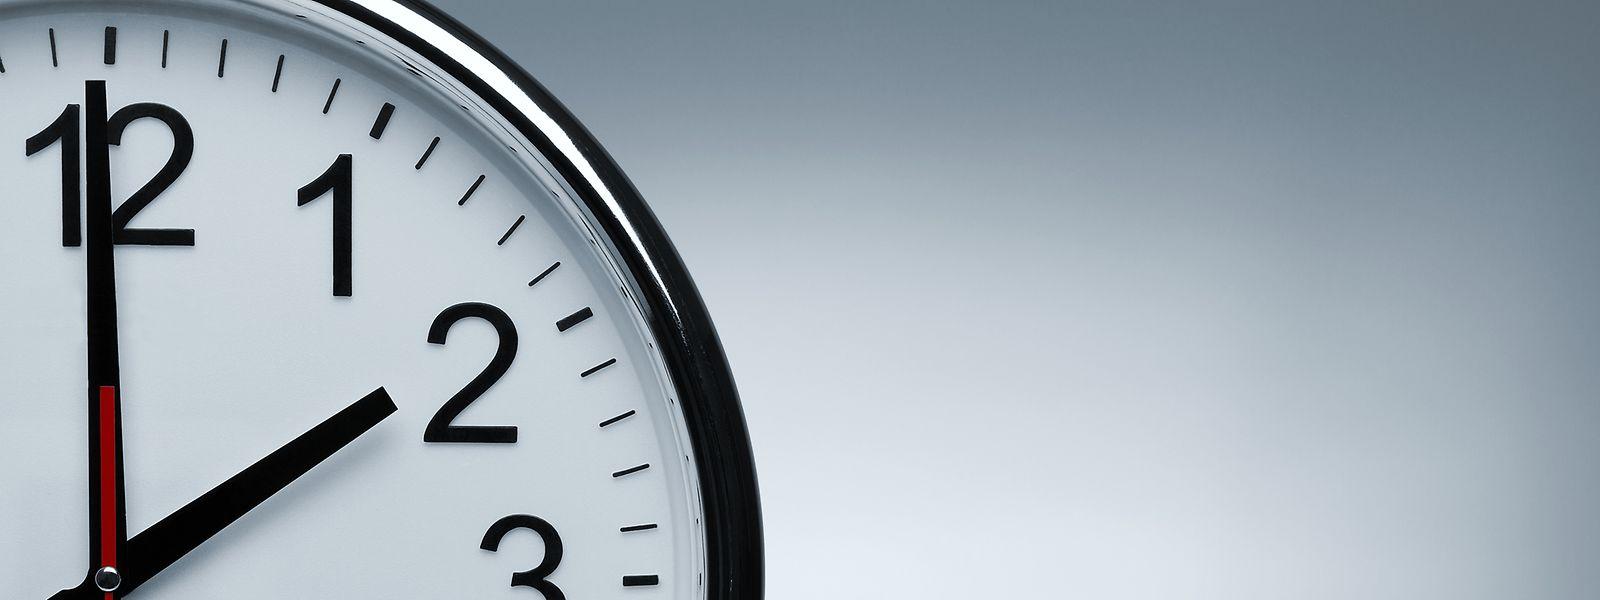 Bis zu 1.800 Stunden können auf den Arbeitszeitkonten angespart werden.